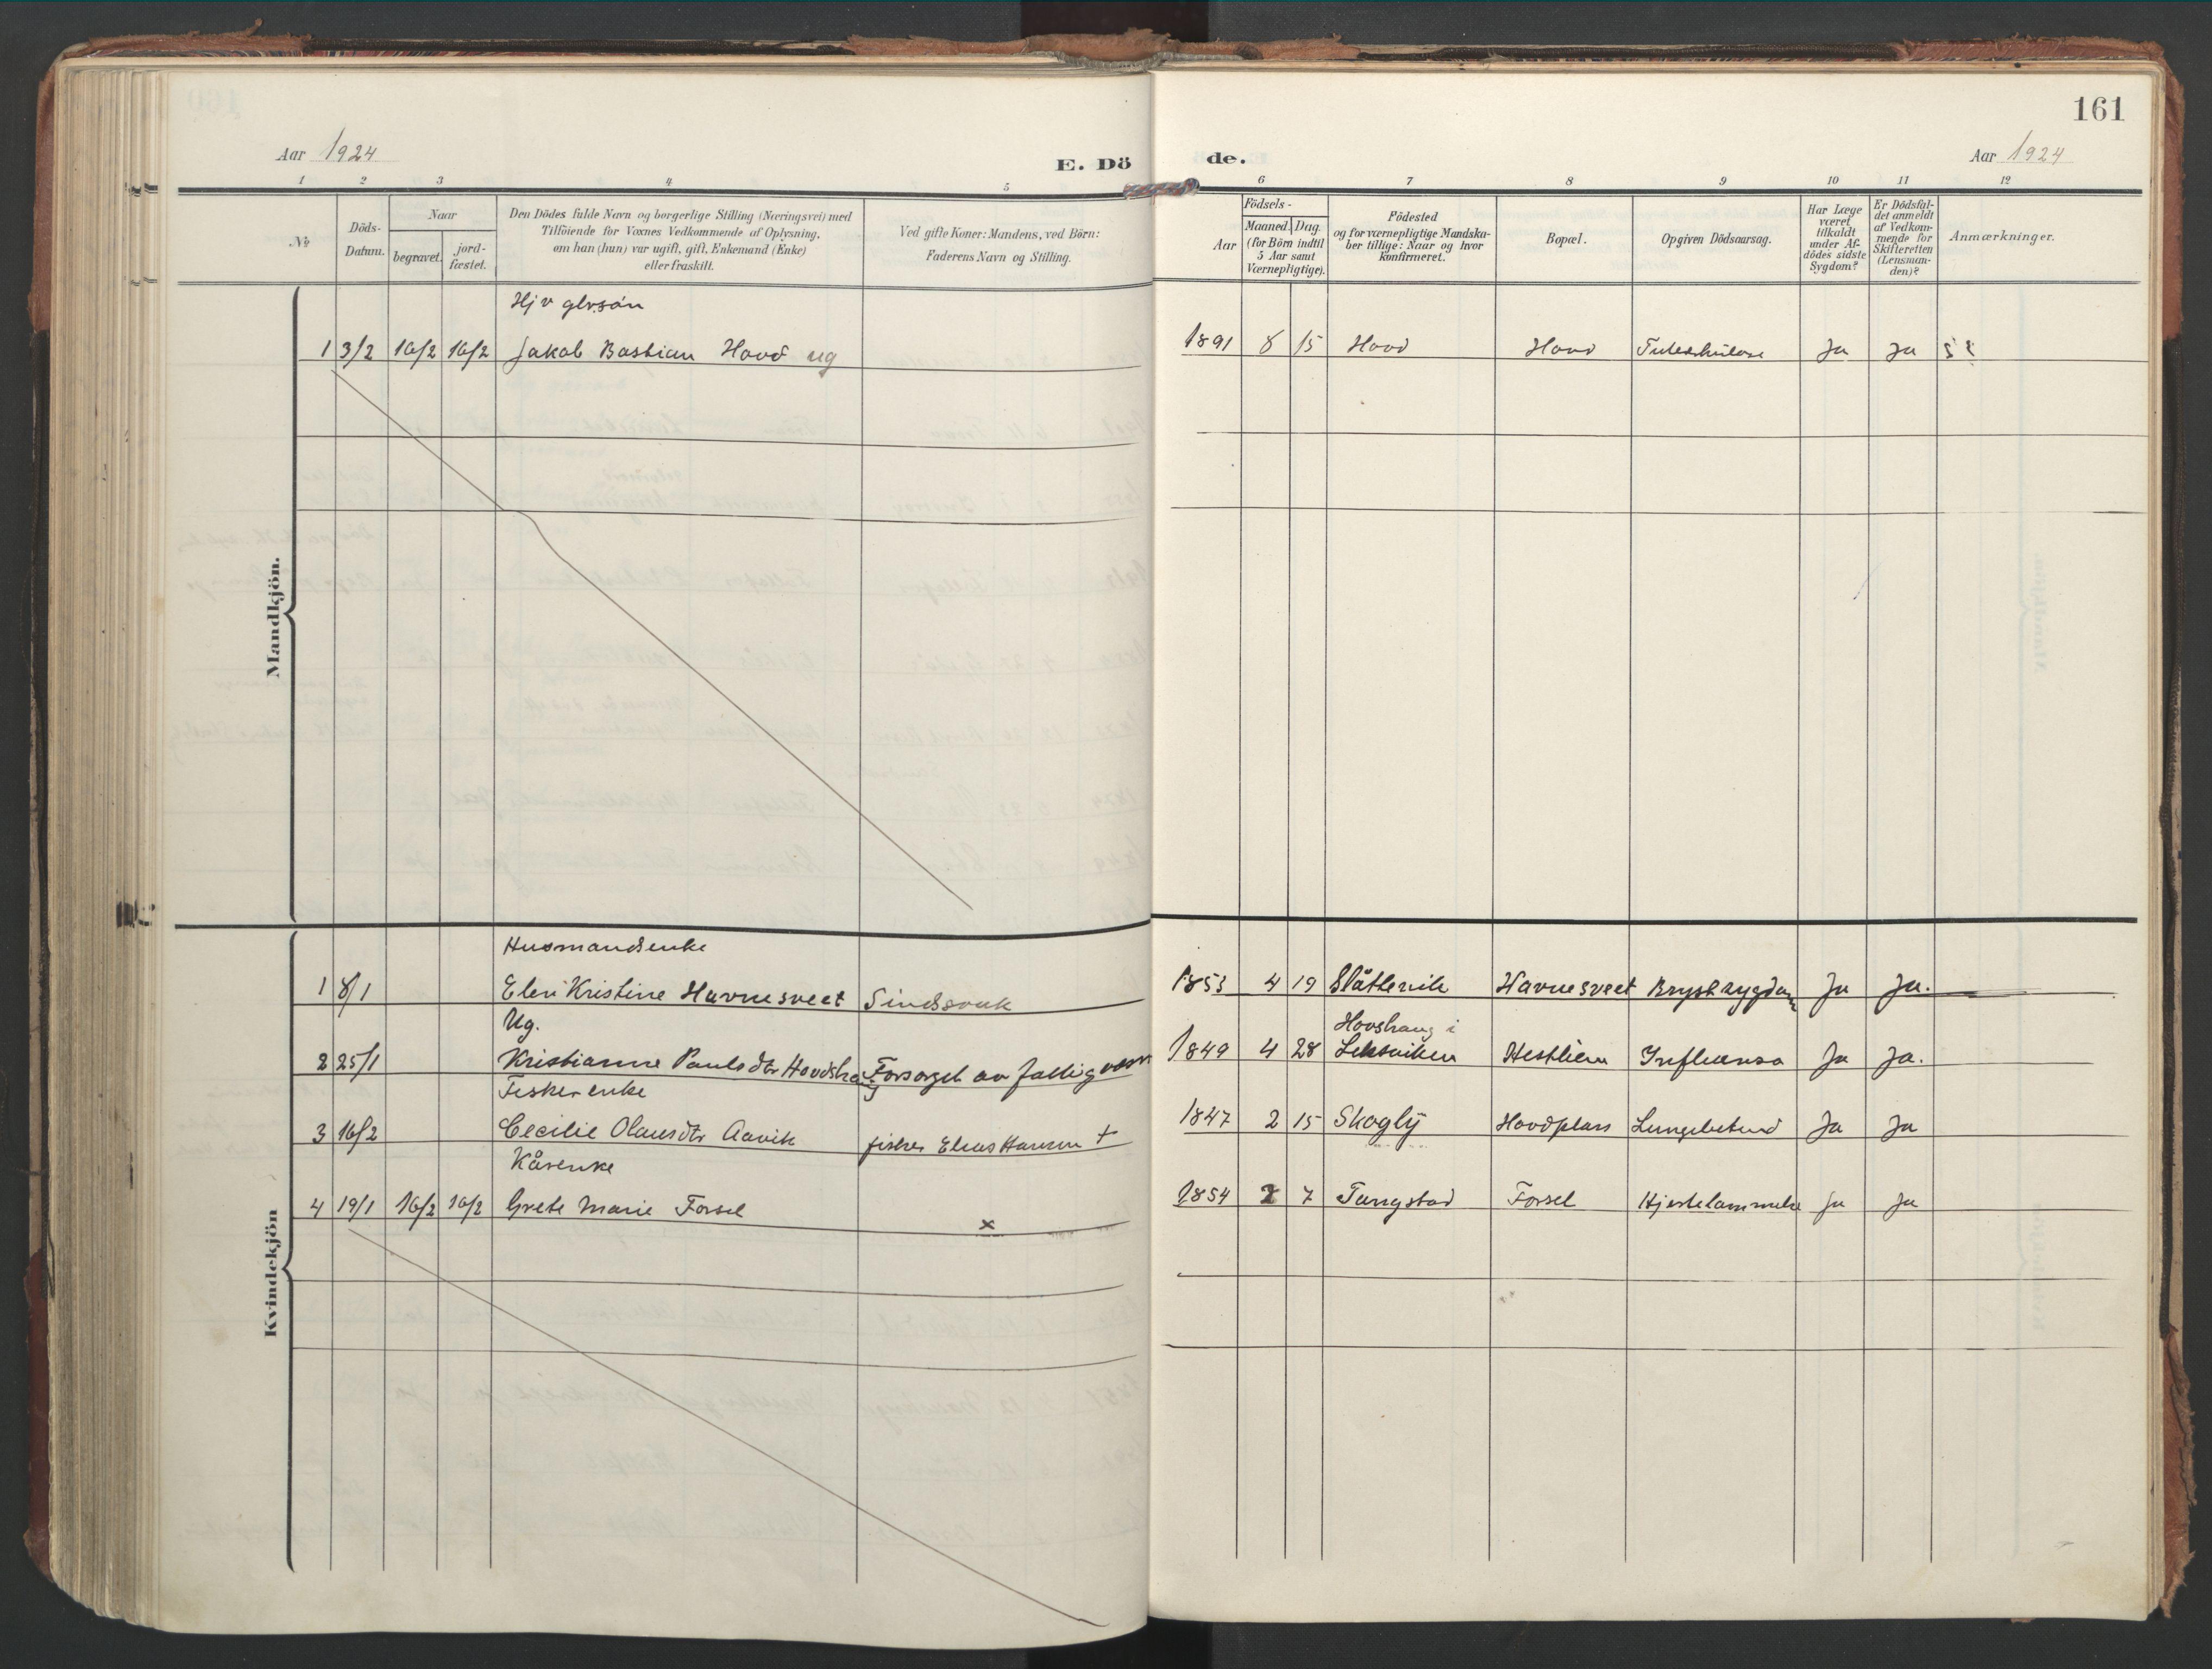 SAT, Ministerialprotokoller, klokkerbøker og fødselsregistre - Nord-Trøndelag, 744/L0421: Ministerialbok nr. 744A05, 1905-1930, s. 161